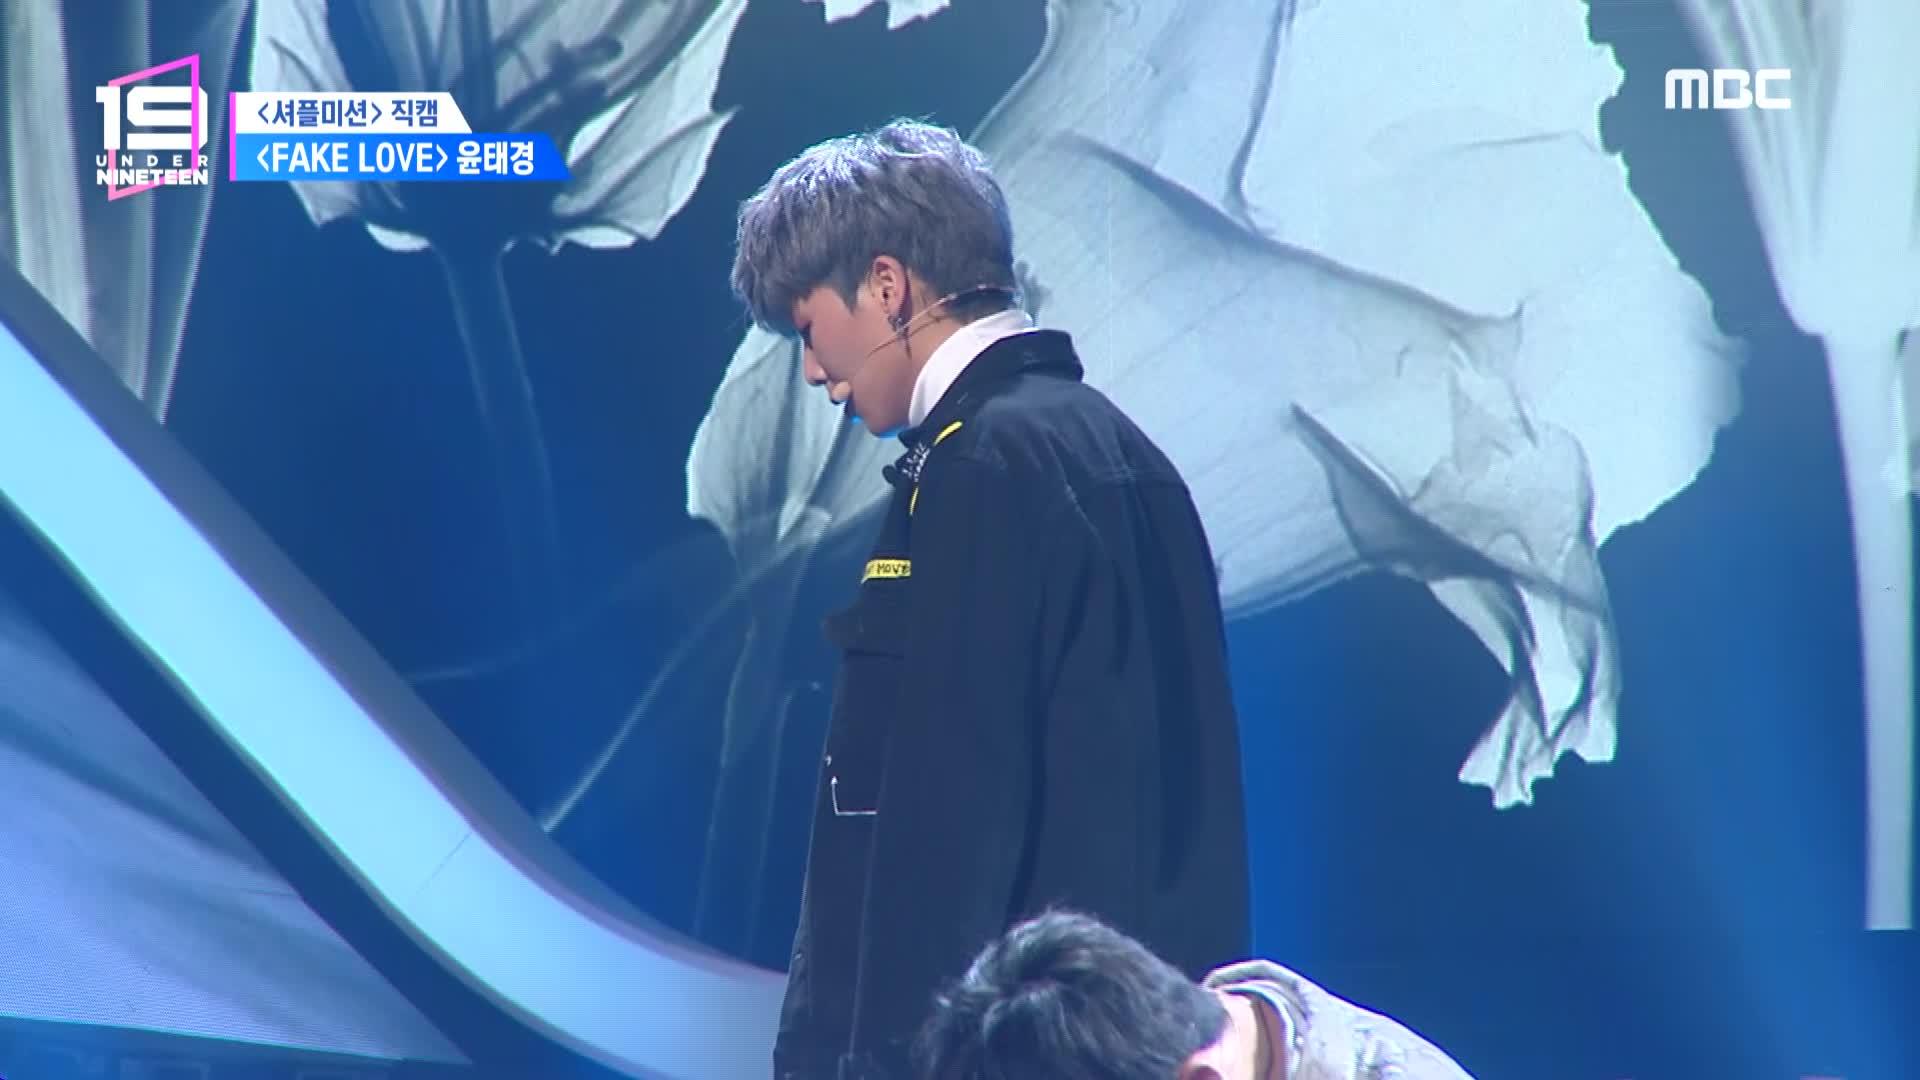 [셔플미션 직캠] 보컬 윤태경 ♬FAKE LOVE